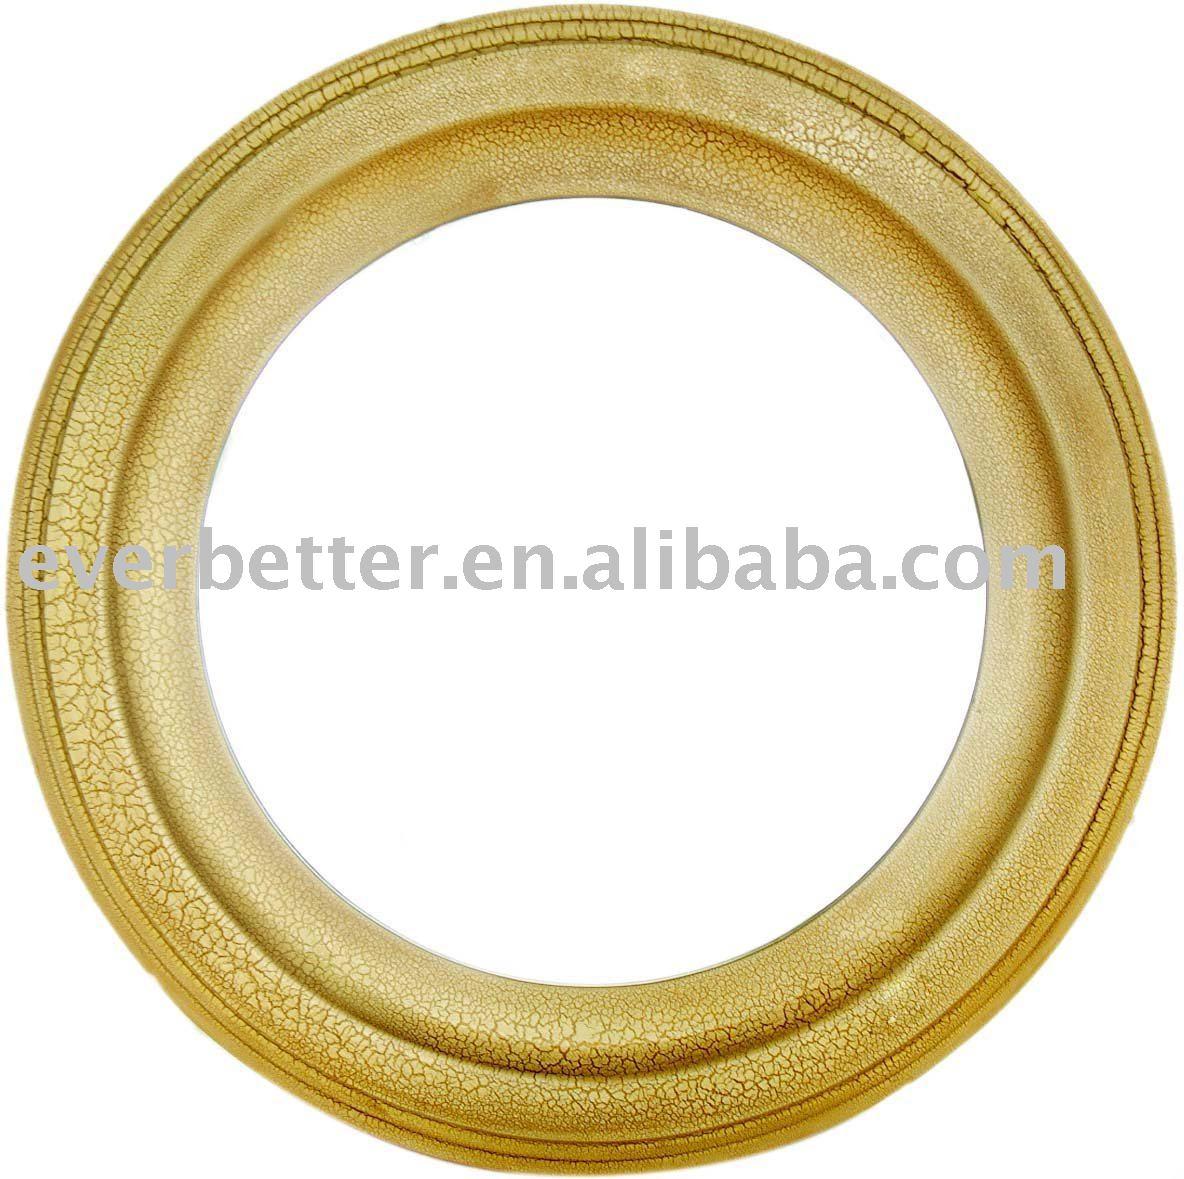 원형 거울 프레임-액자 -상품 ID:344014241-korean.alibaba.com